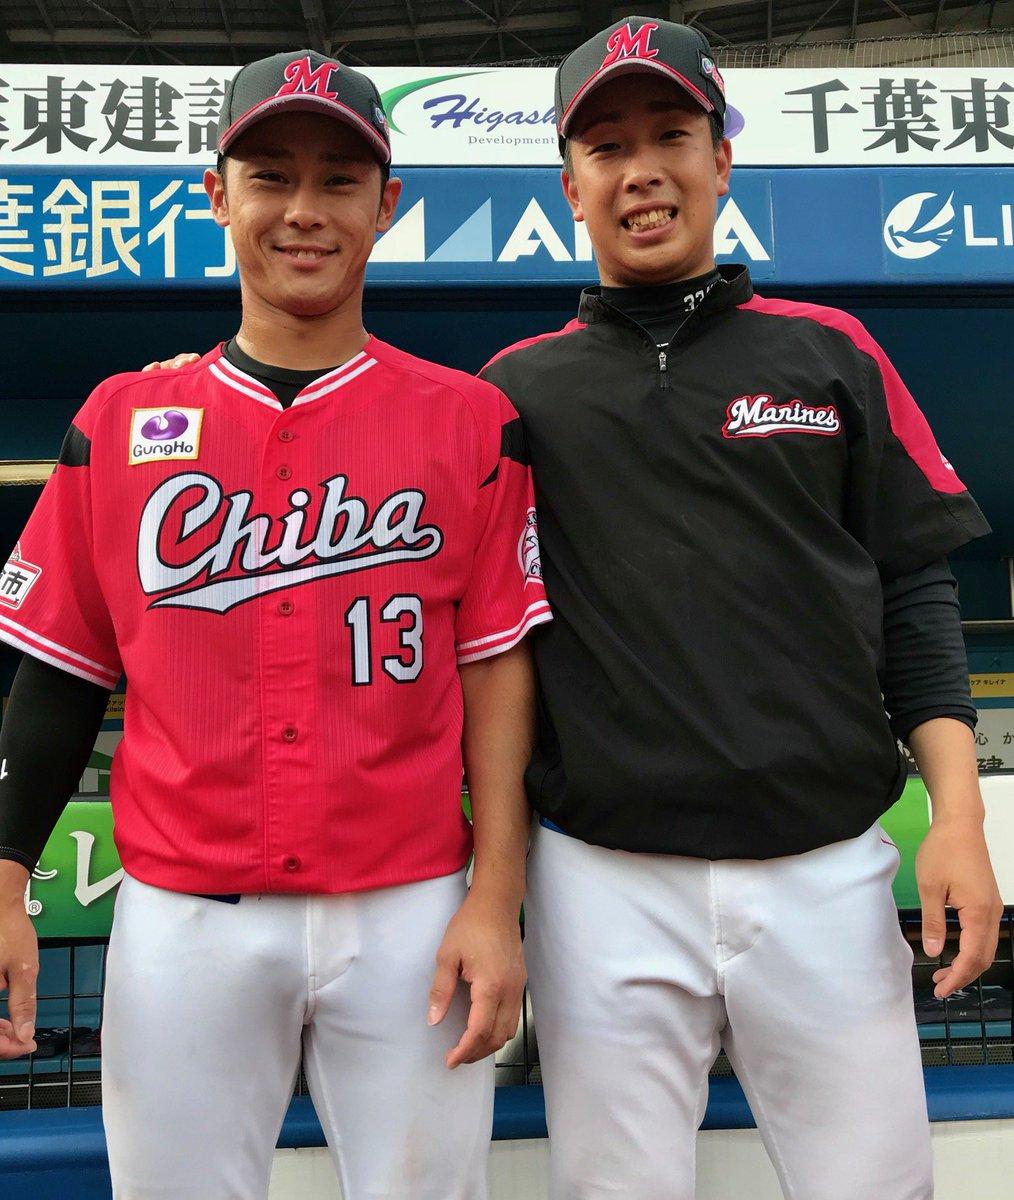 今日のヒーローはこの2人!最高の雰囲気で最終戦に臨みます!(広報) #chibalotte